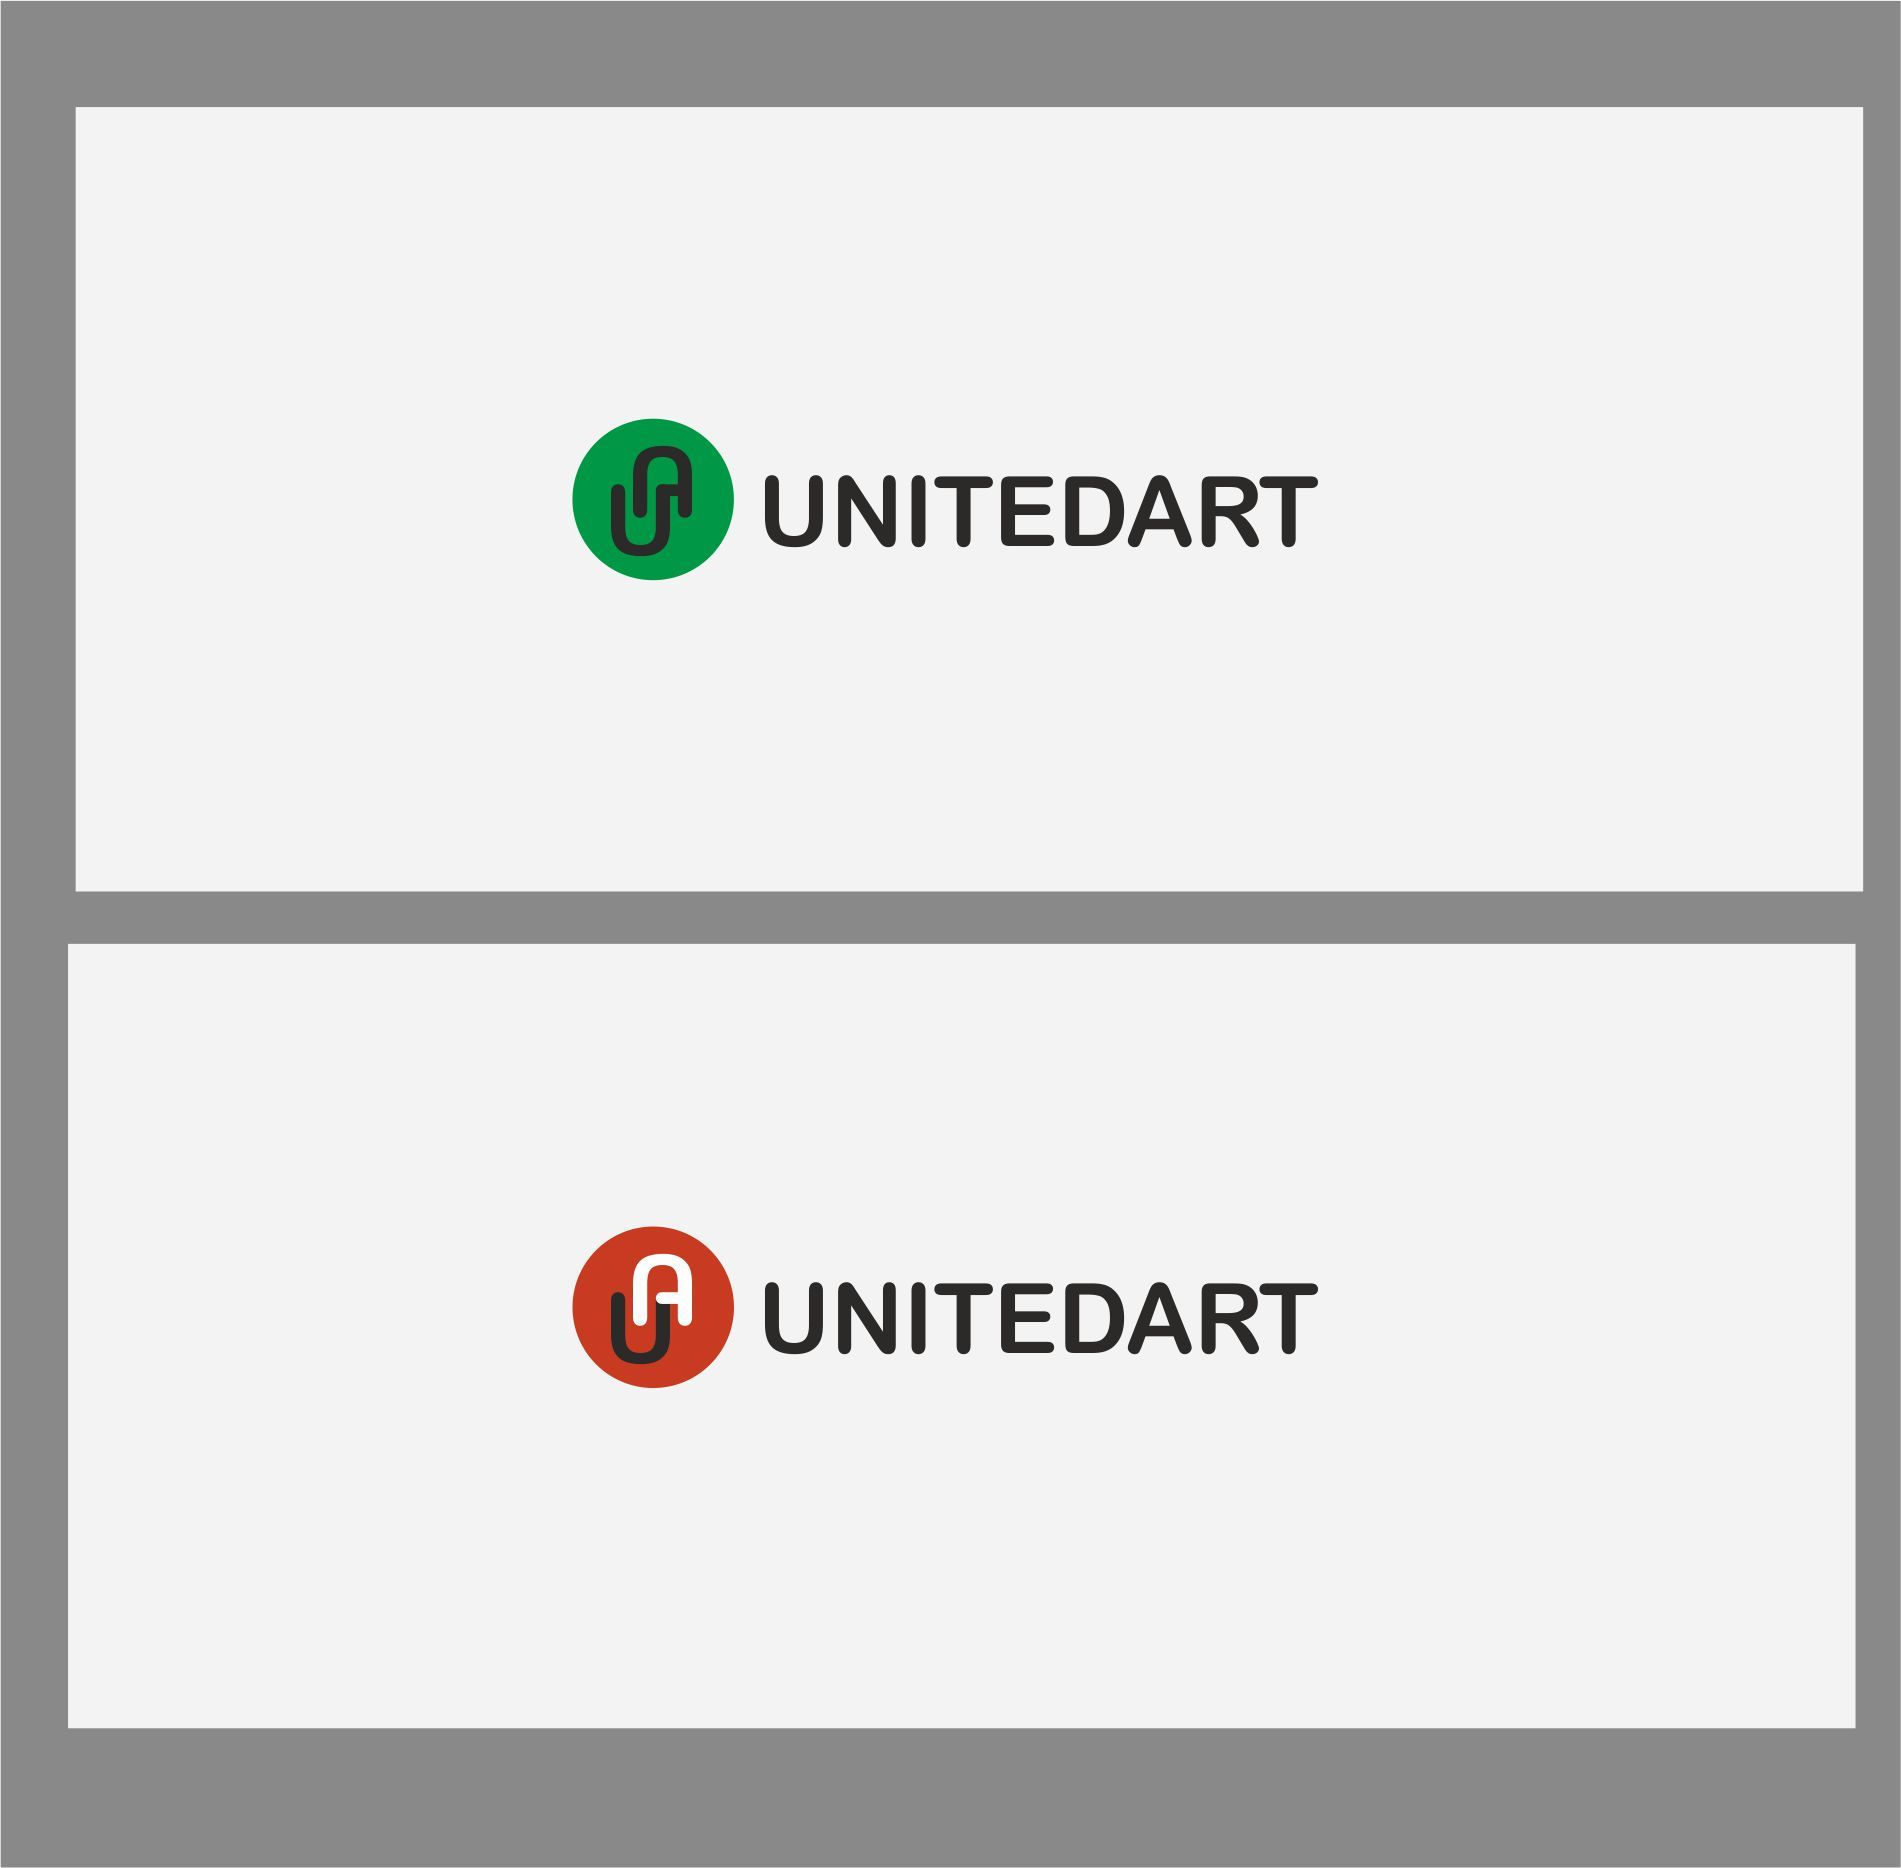 Логотип для компании United Art - дизайнер dbyjuhfl